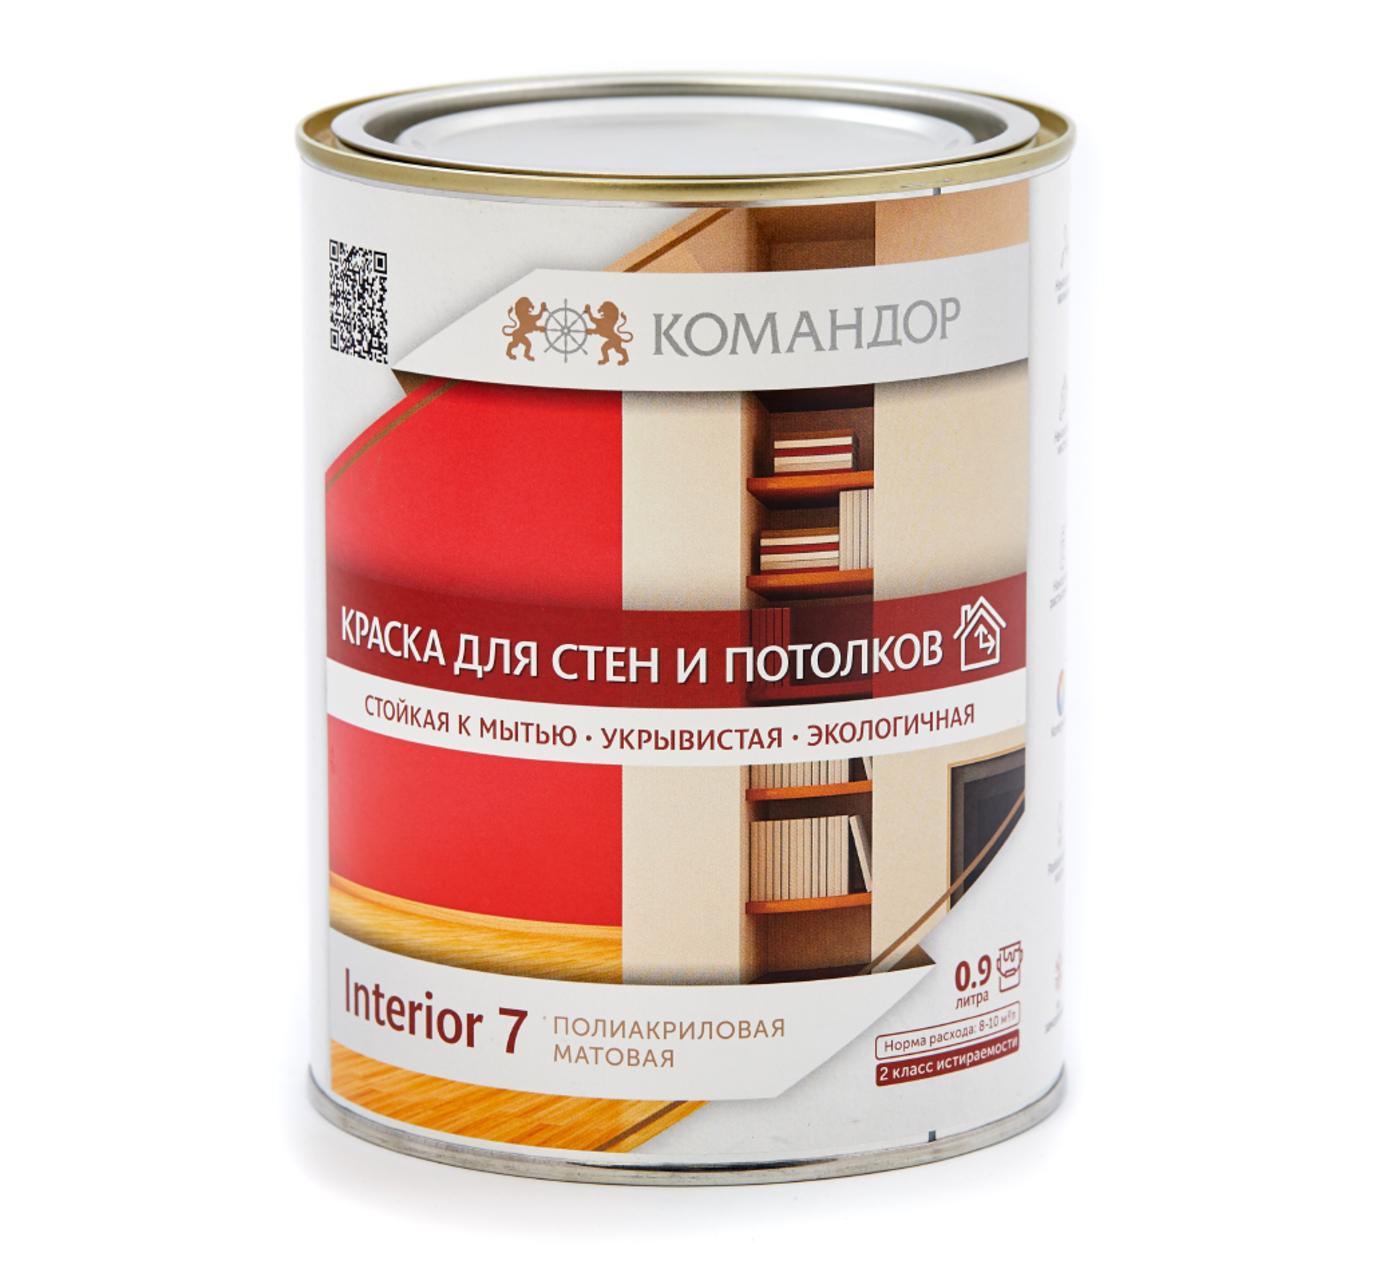 INTERIOR 7 краска для стен и потолков матовая